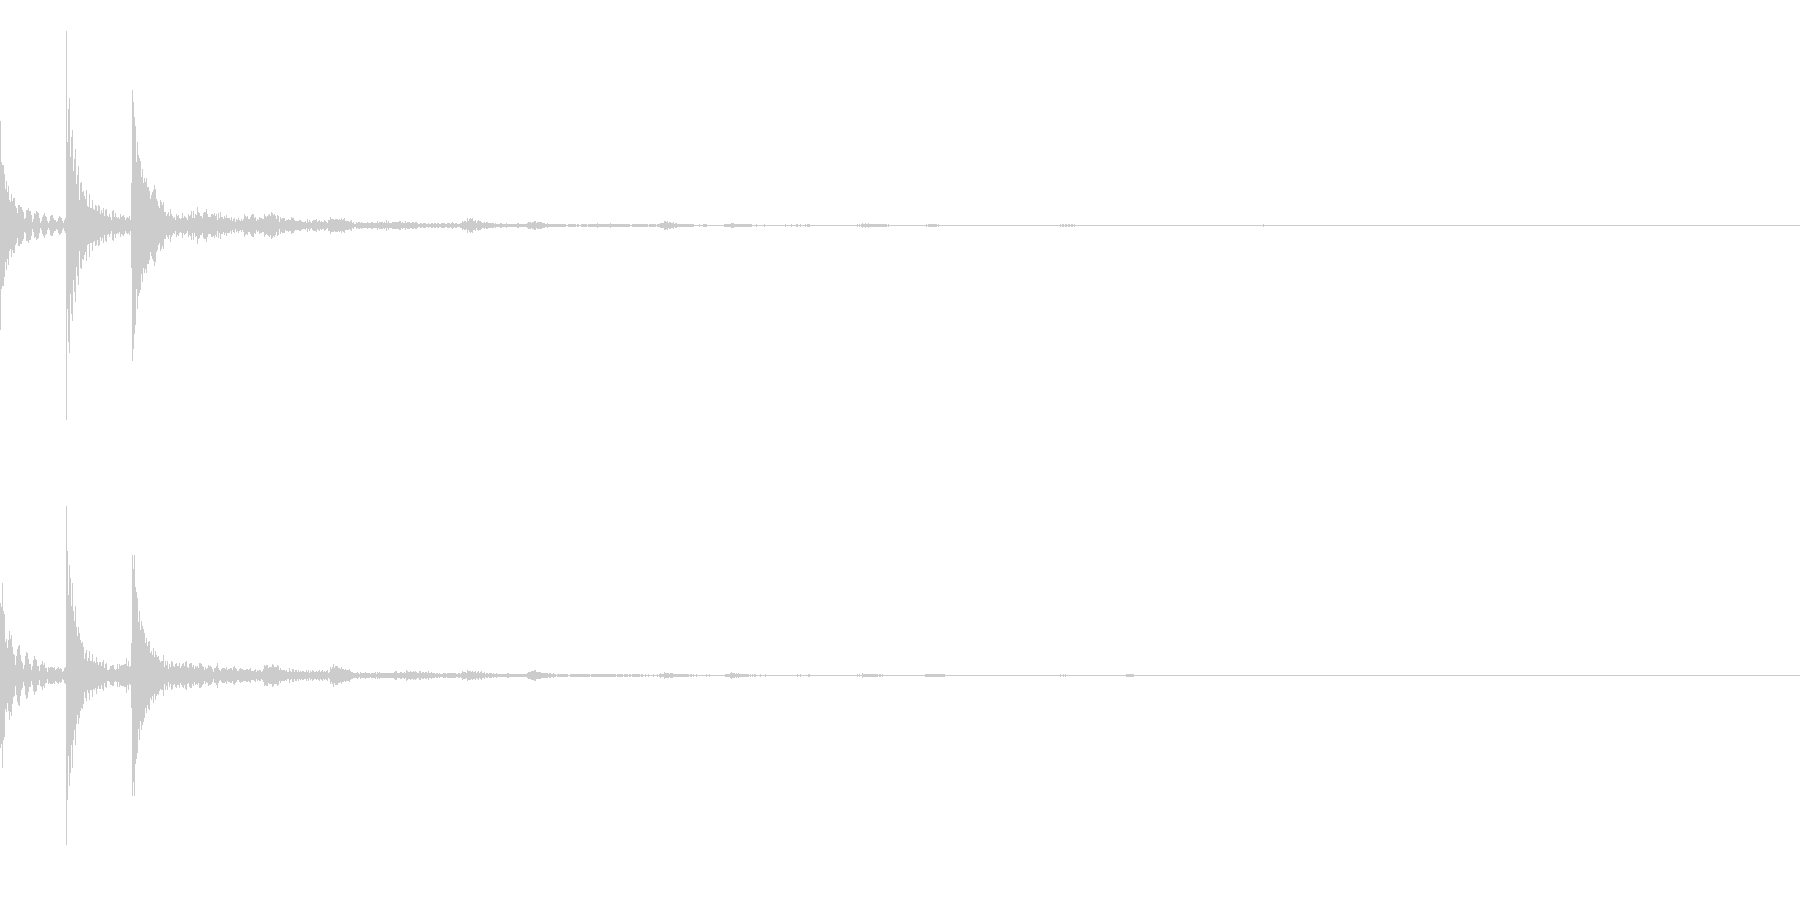 ピコポ(テクノ宇宙SF/イベント/取得の未再生の波形